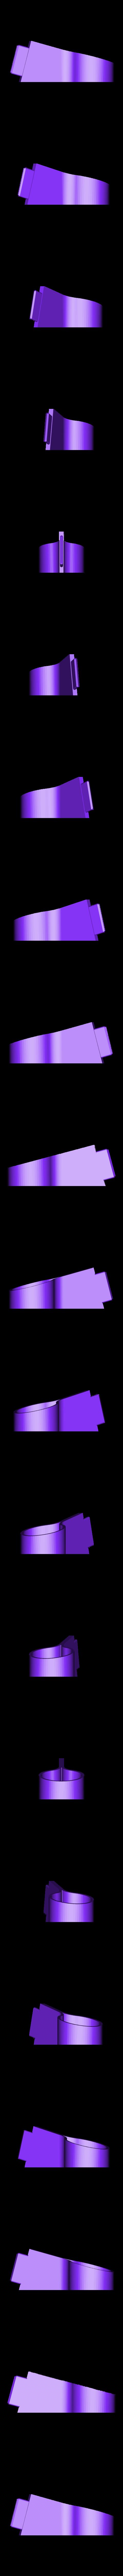 STRUCTURE-CLOCK-01-STAND.STL Télécharger fichier STL gratuit Structure Clock • Objet pour imprimante 3D, Ysoft_be3D